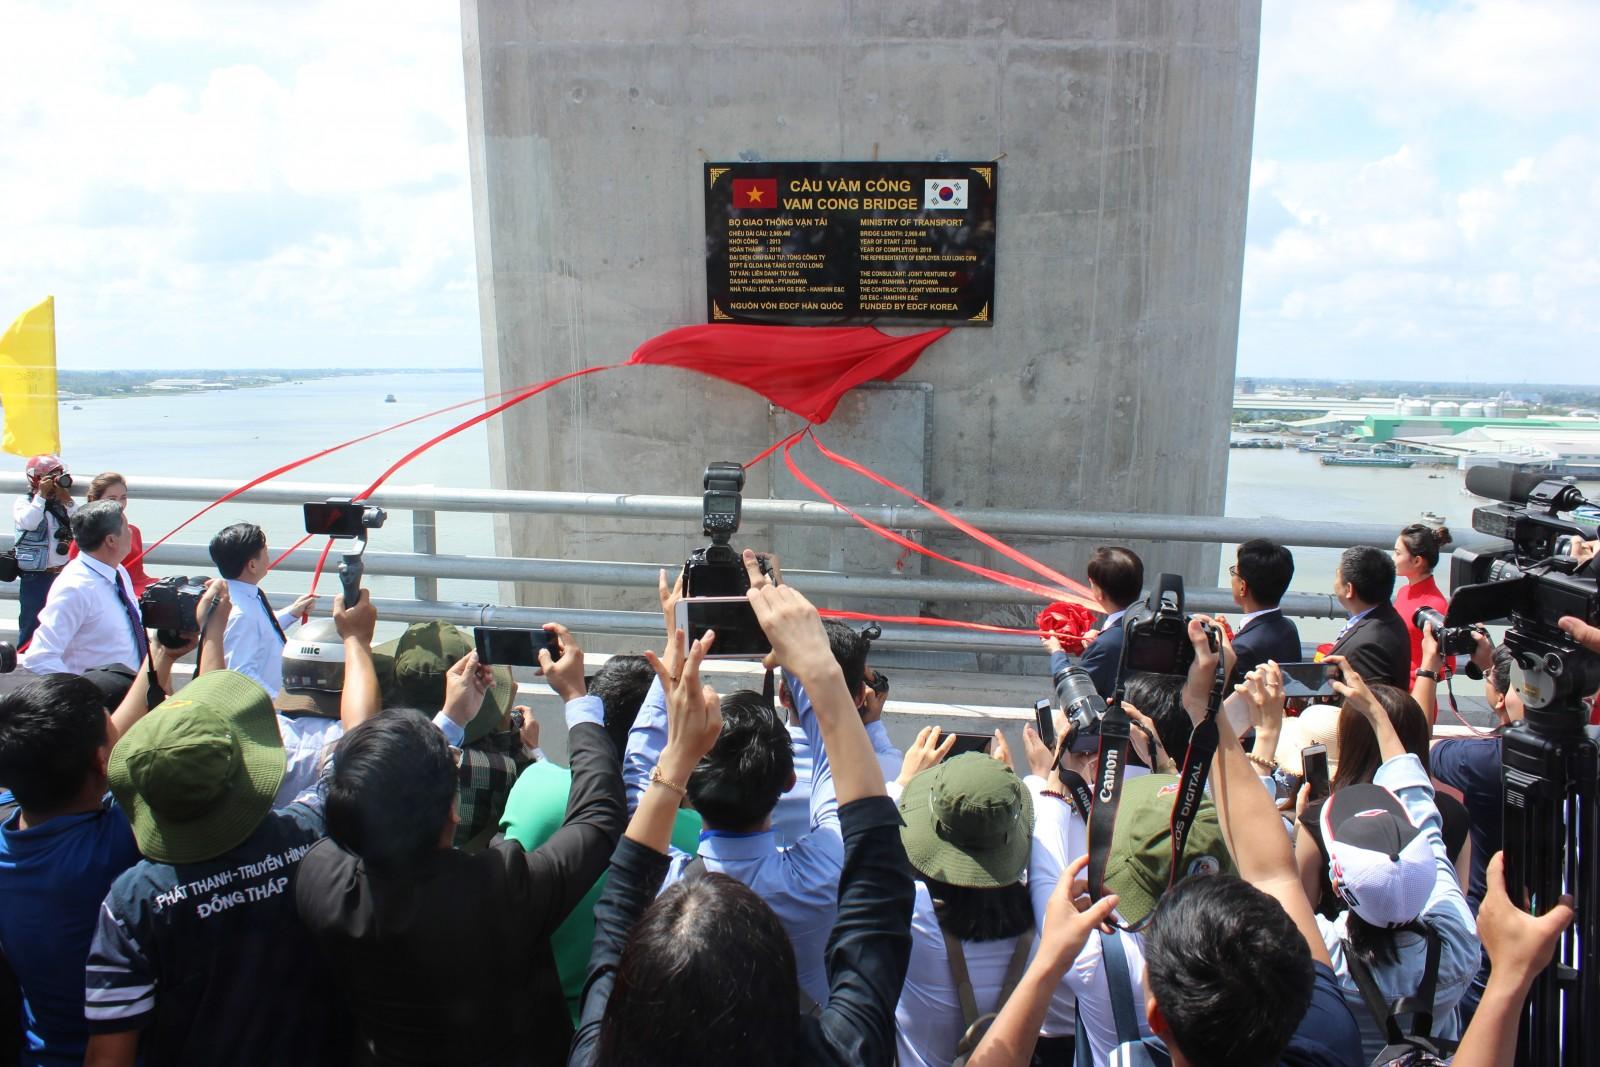 Đại biểu thực hiện nghi thức gỡ bảng tên cầu Vàm Cống. Ảnh: T.H